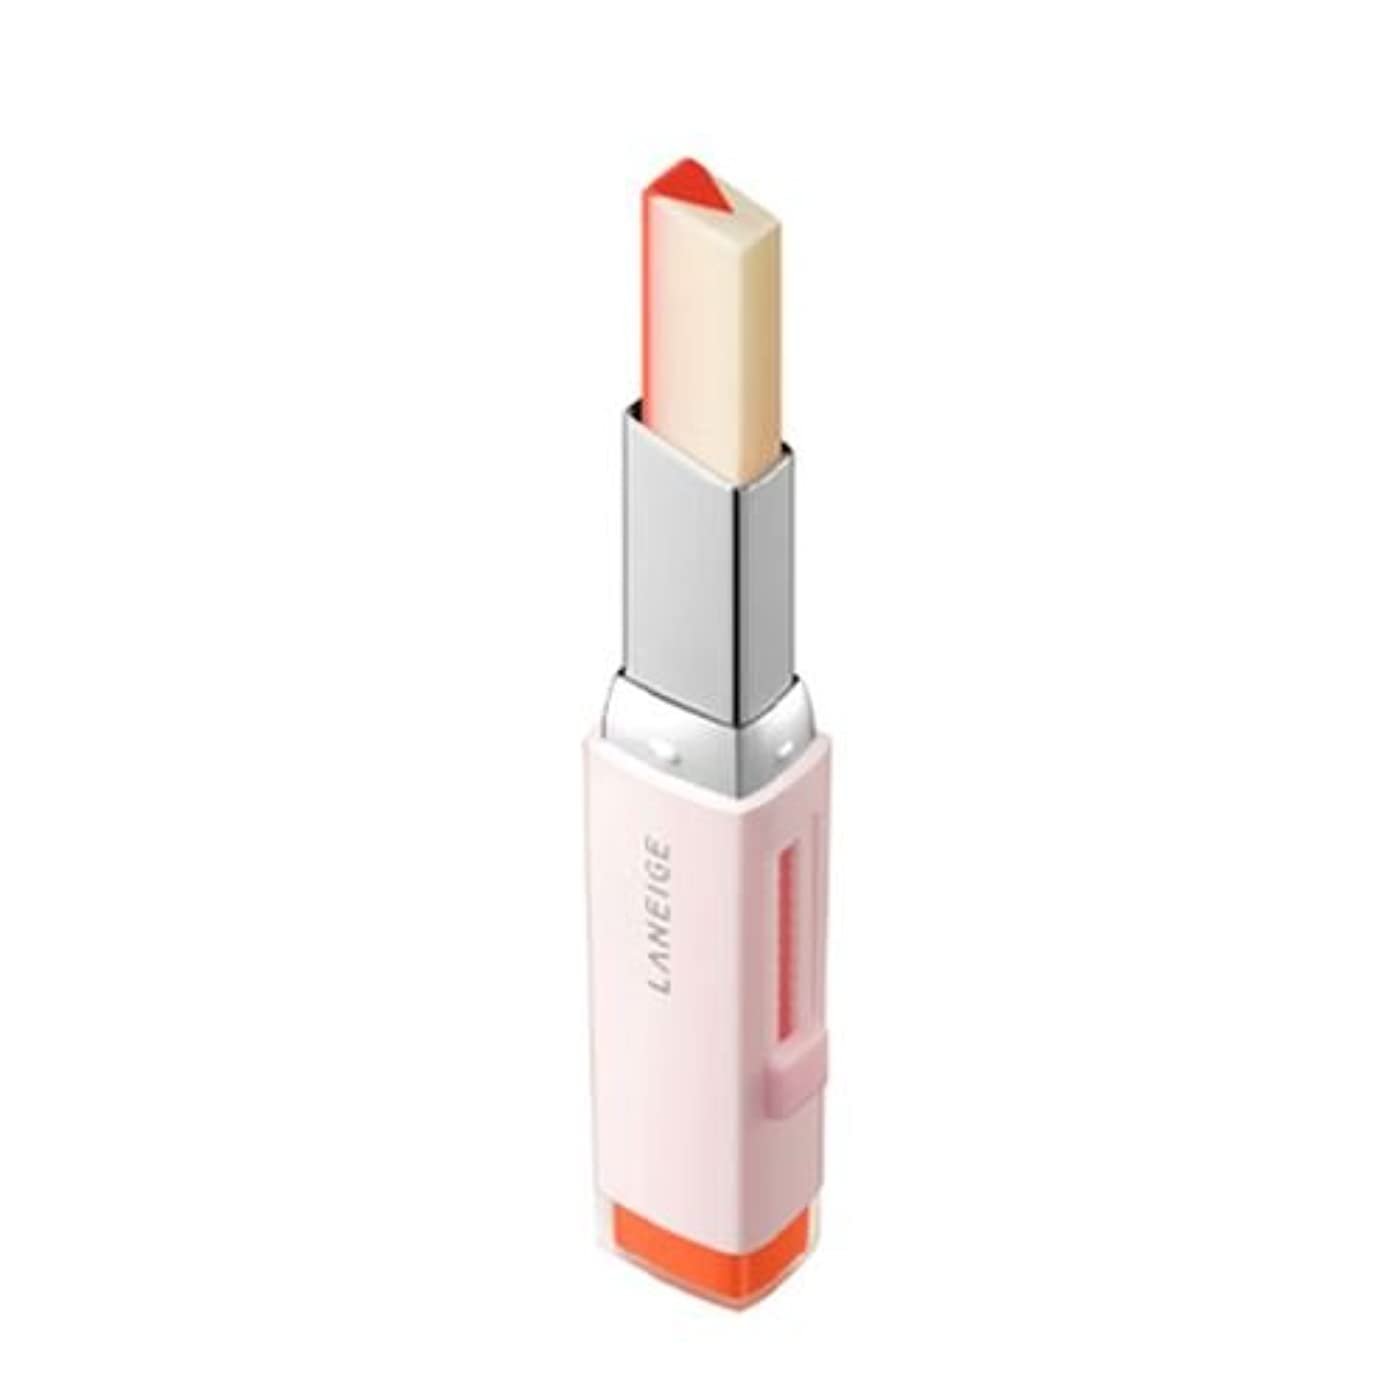 線労苦反乱[New] LANEIGE Two Tone Tint Lip Bar 2g/ラネージュ ツー トーン ティント リップ バー 2g (#02 Tangeine Slice) [並行輸入品]